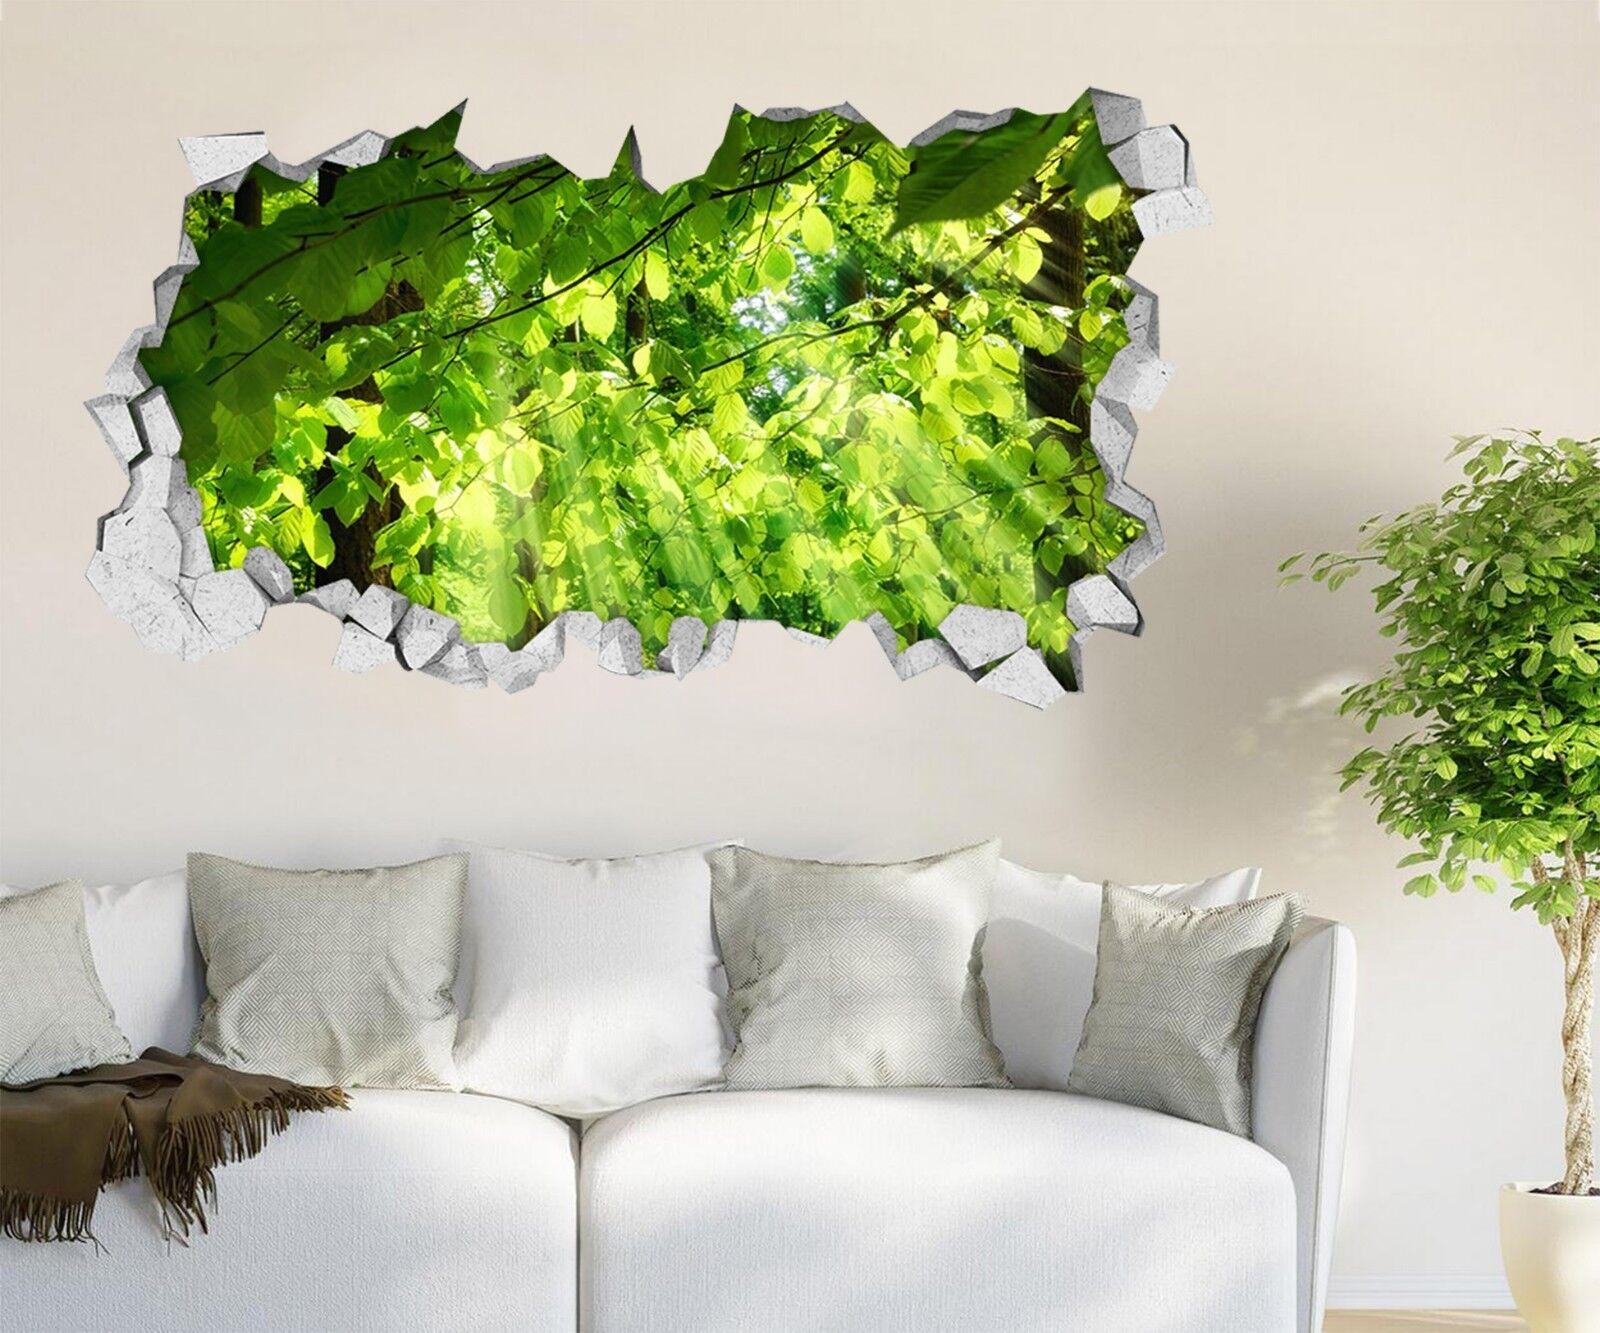 3D greene Blätter 18 Mauer Murals Mauer Aufklebe Decal Durchbruch AJ WALLPAPER DE